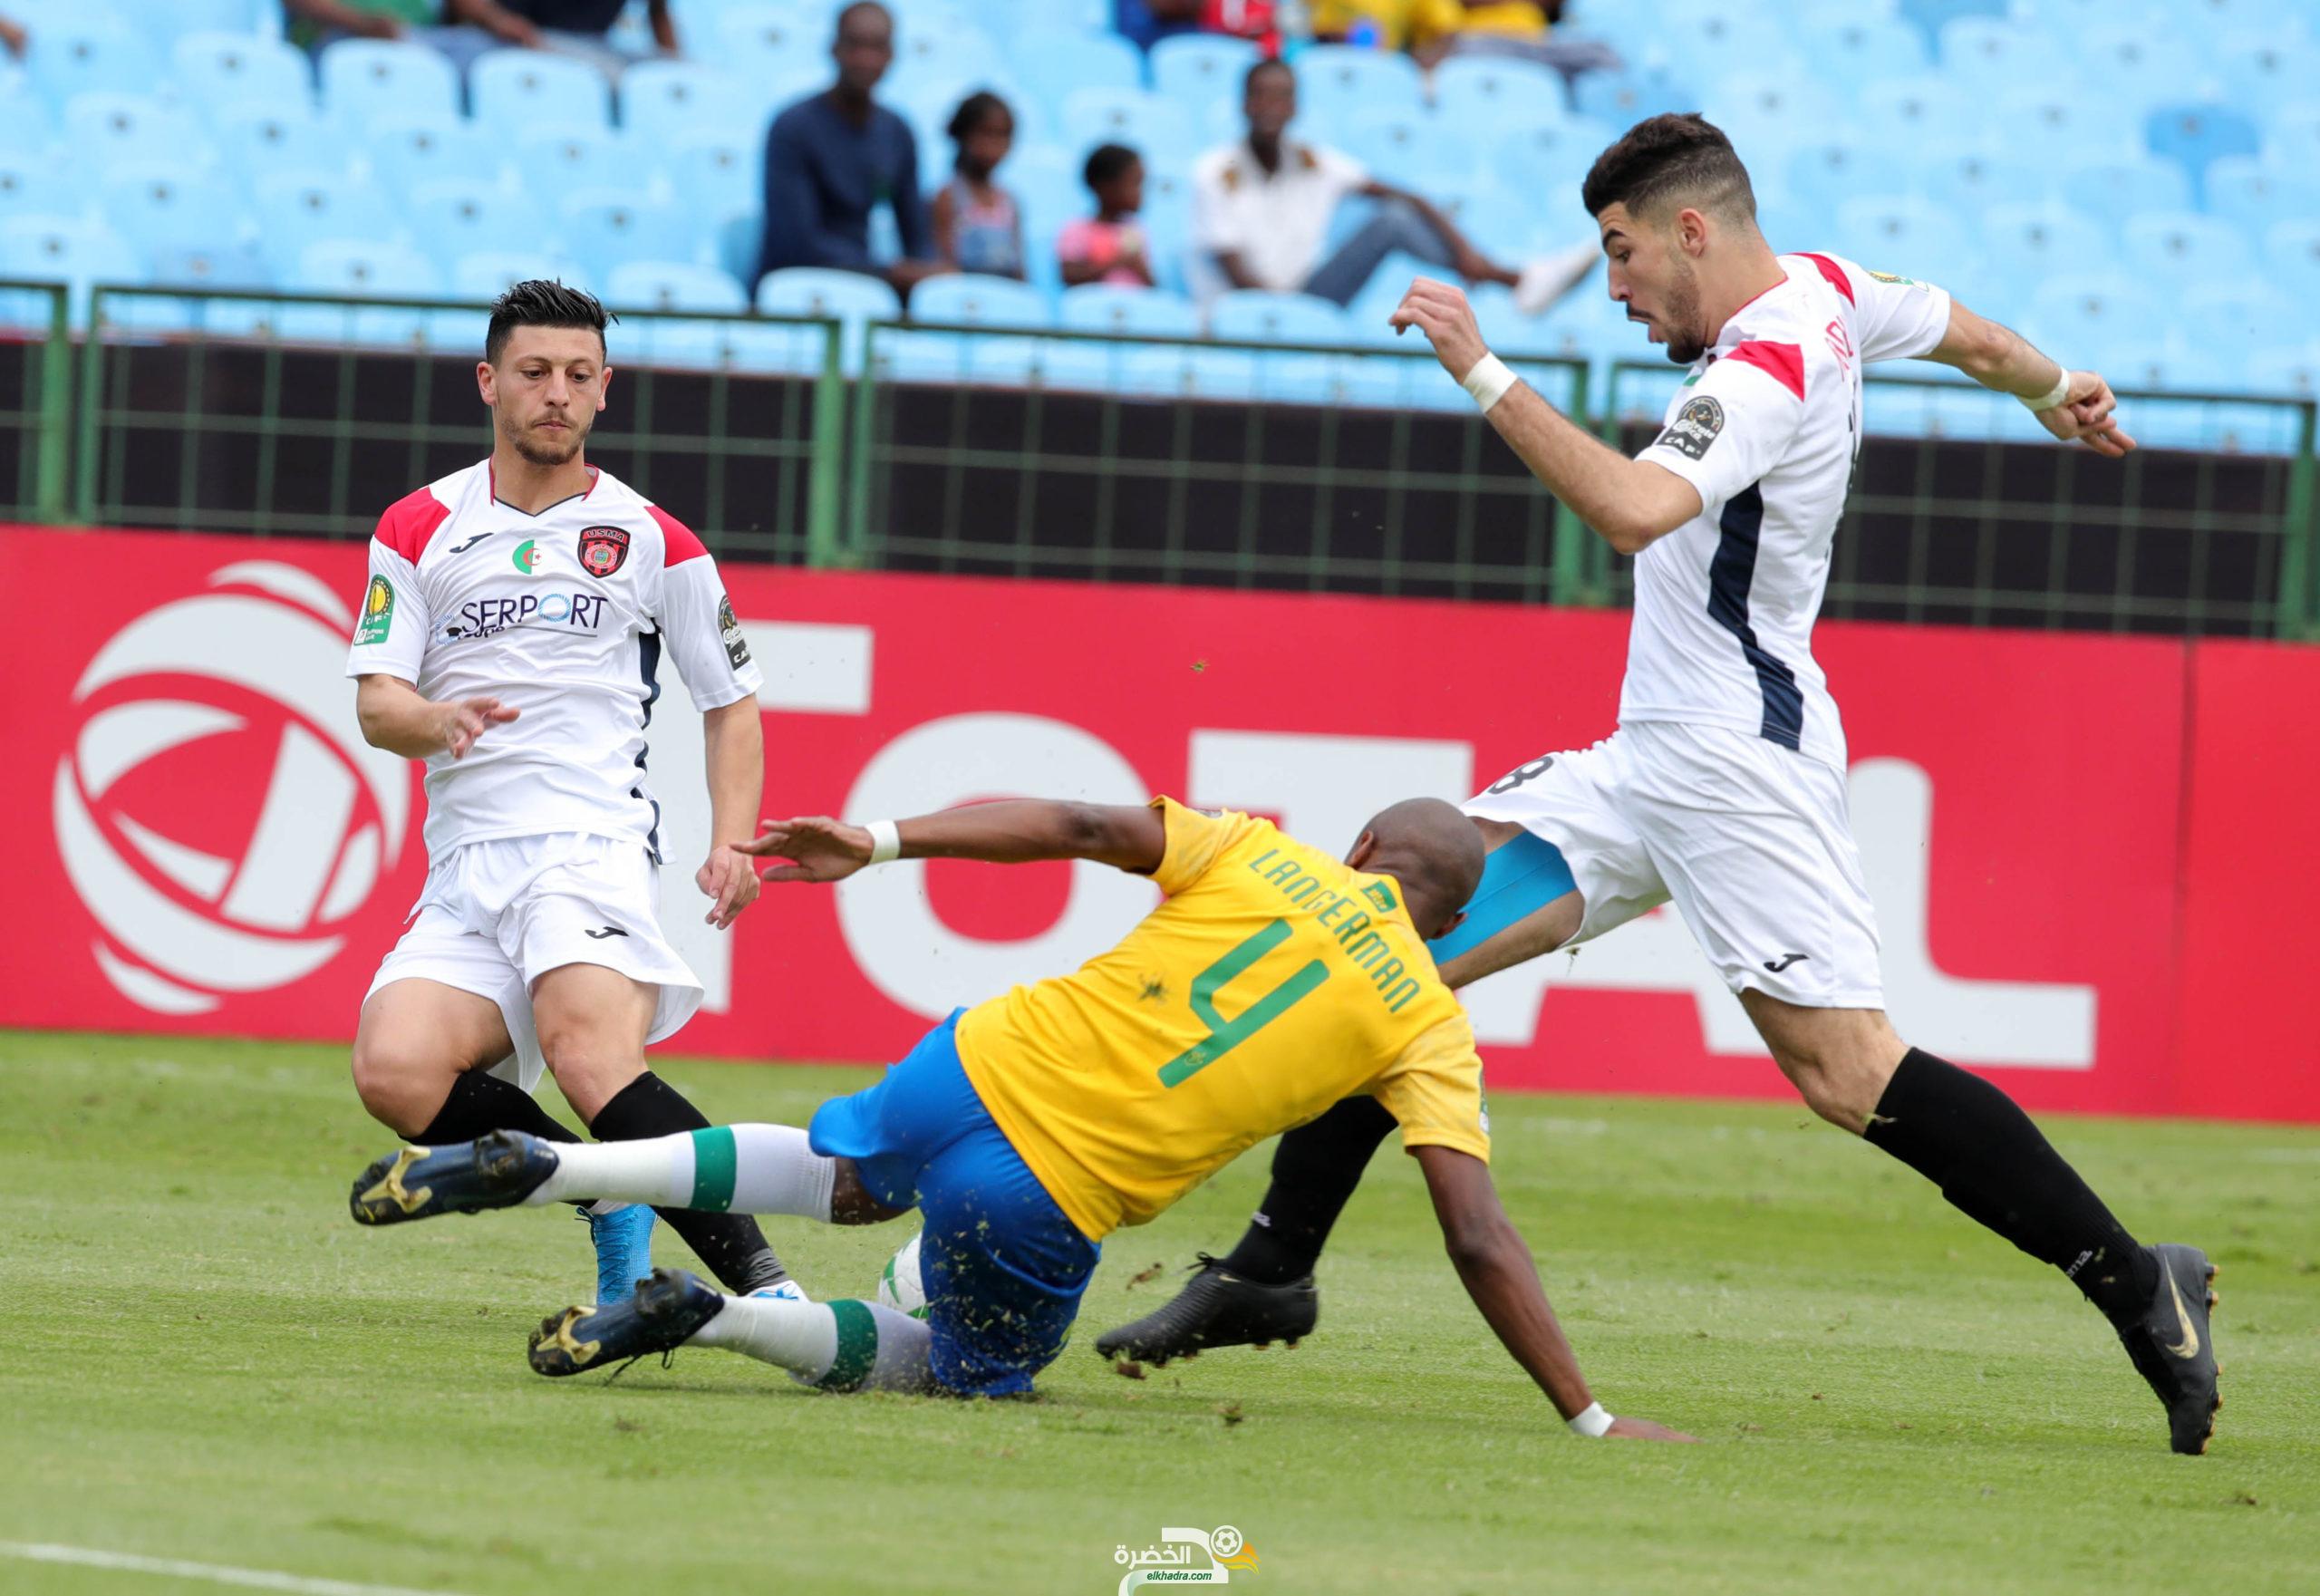 اتحاد الجزائر ينهزم أمام مضيفه ماميلودي صن داونز الجنوب إفريقي 31